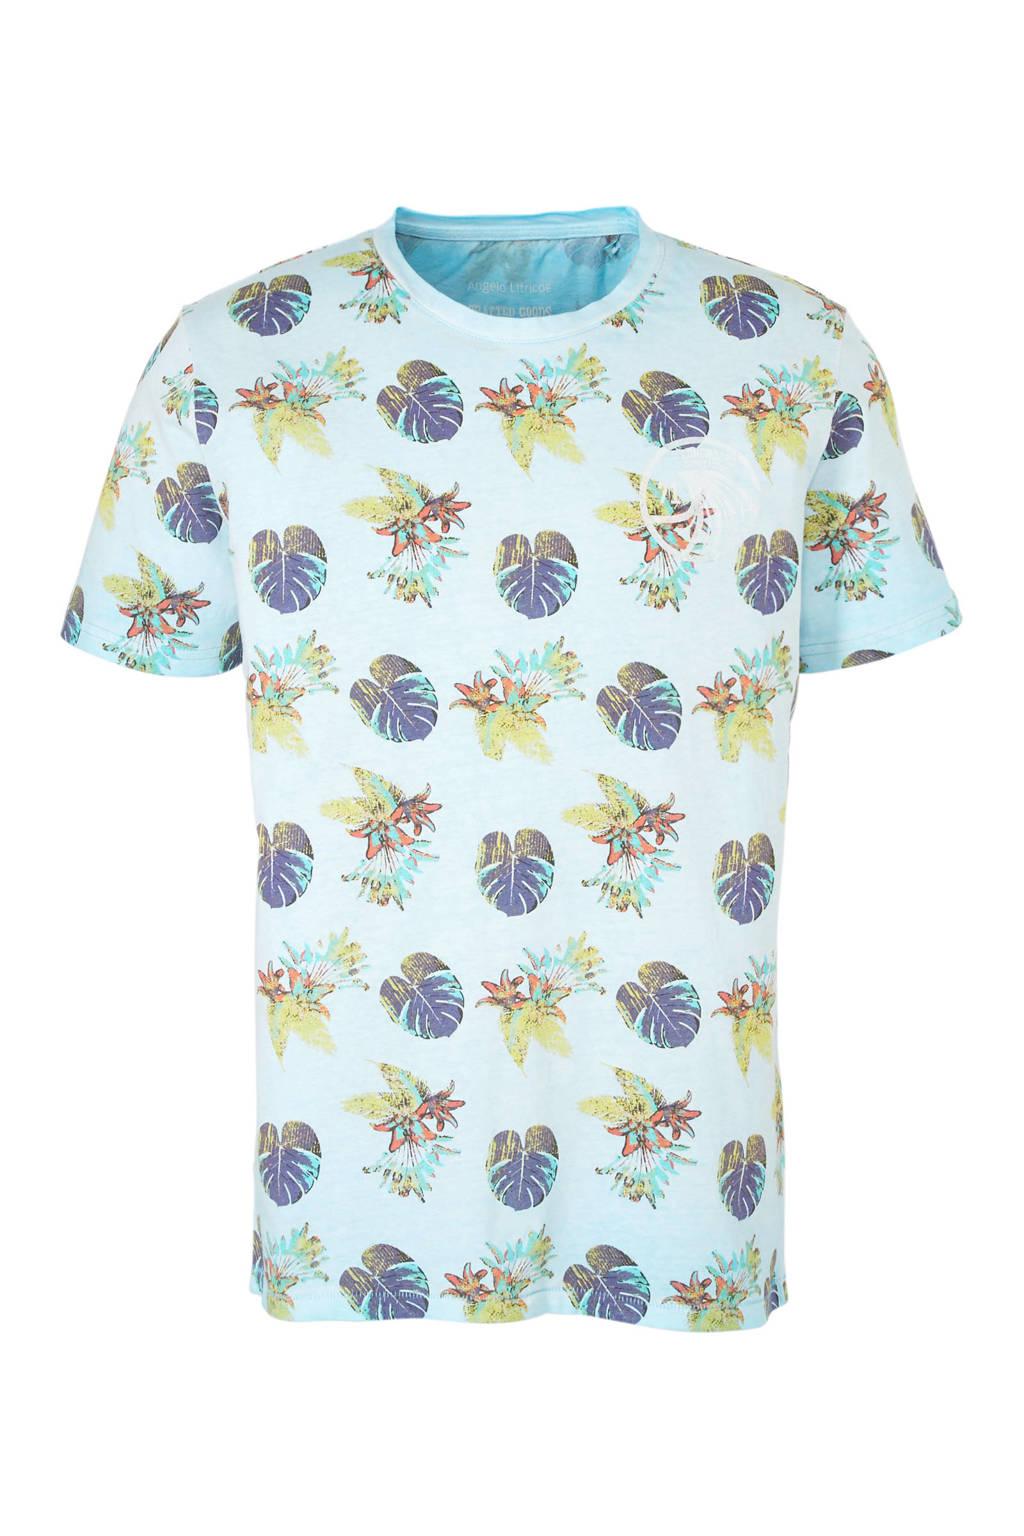 C&A Angelo Litrico T-shirt lichtblauw, Lichtblauw